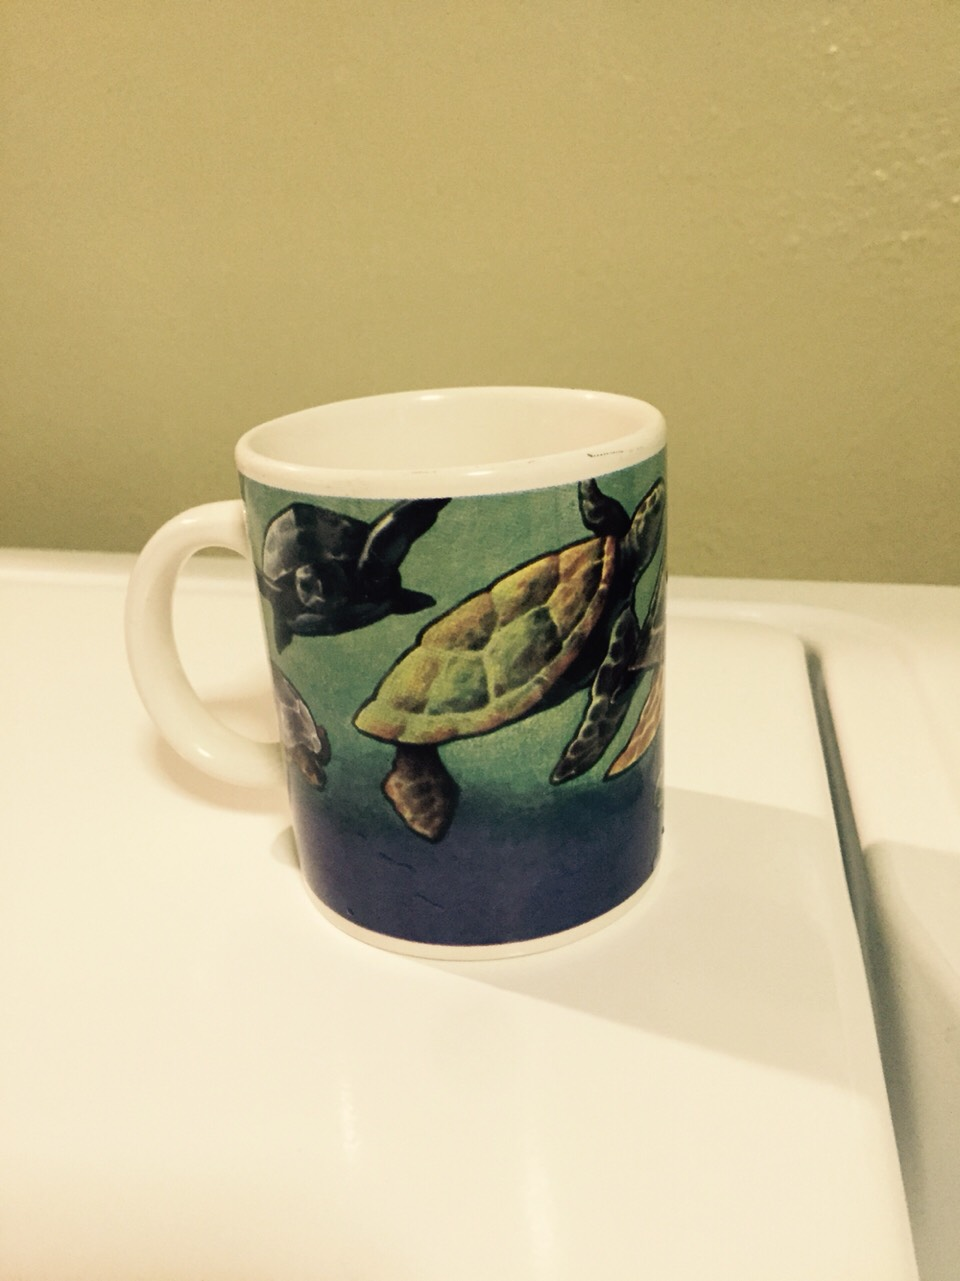 A mug. Not a plastic cup. You need a mug.